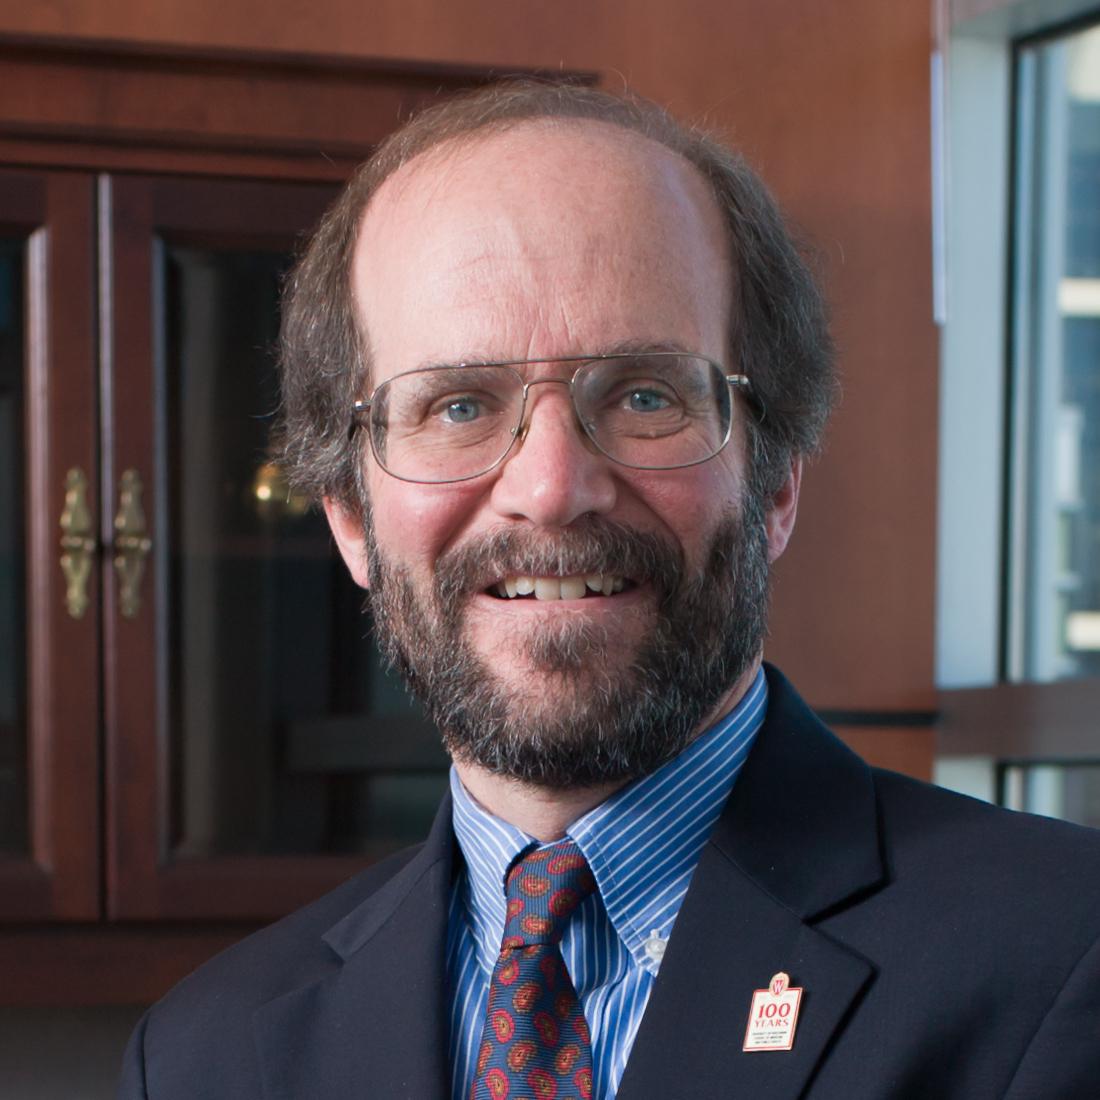 Robert Golden, MD. Dean, UW School of Medicine and Public Health